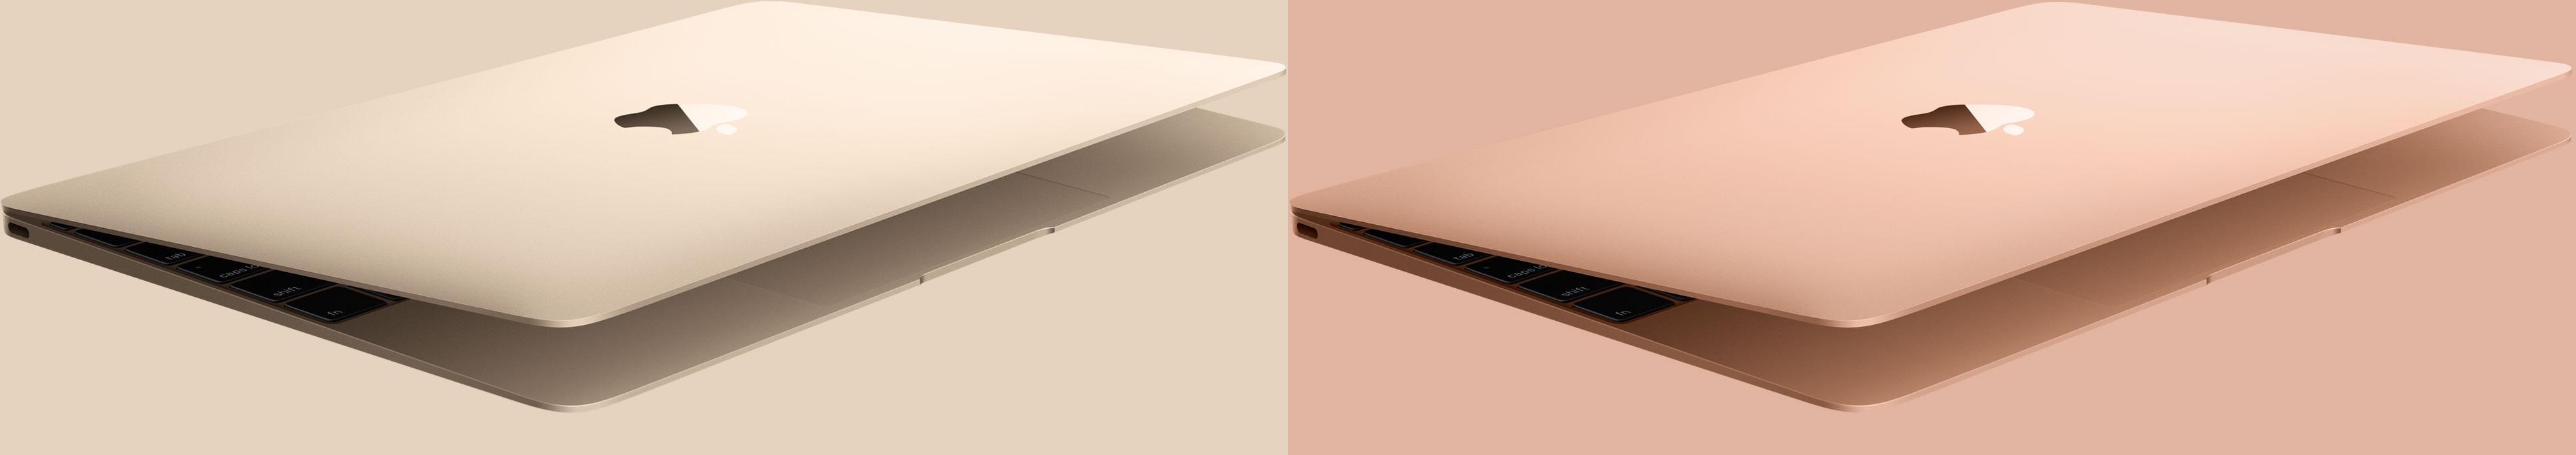 MacBook dourado (antigo vs. novo)